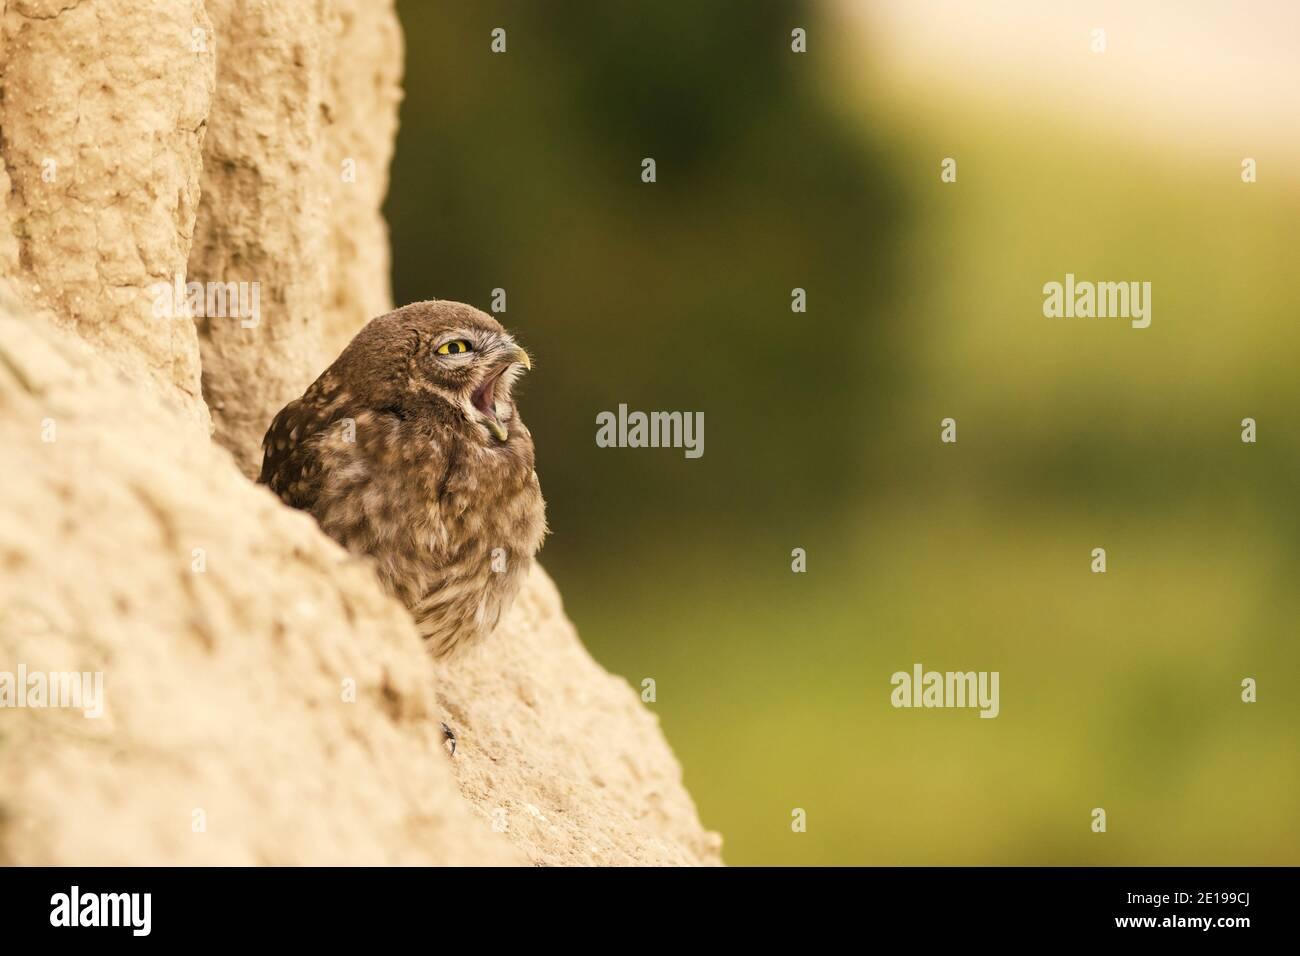 Die kleine Eule, die mit offenem Schnabel auf einem schönen Hintergrund aus seinem Loch guckt. Athene noctua. Speicherplatz kopieren Stockfoto